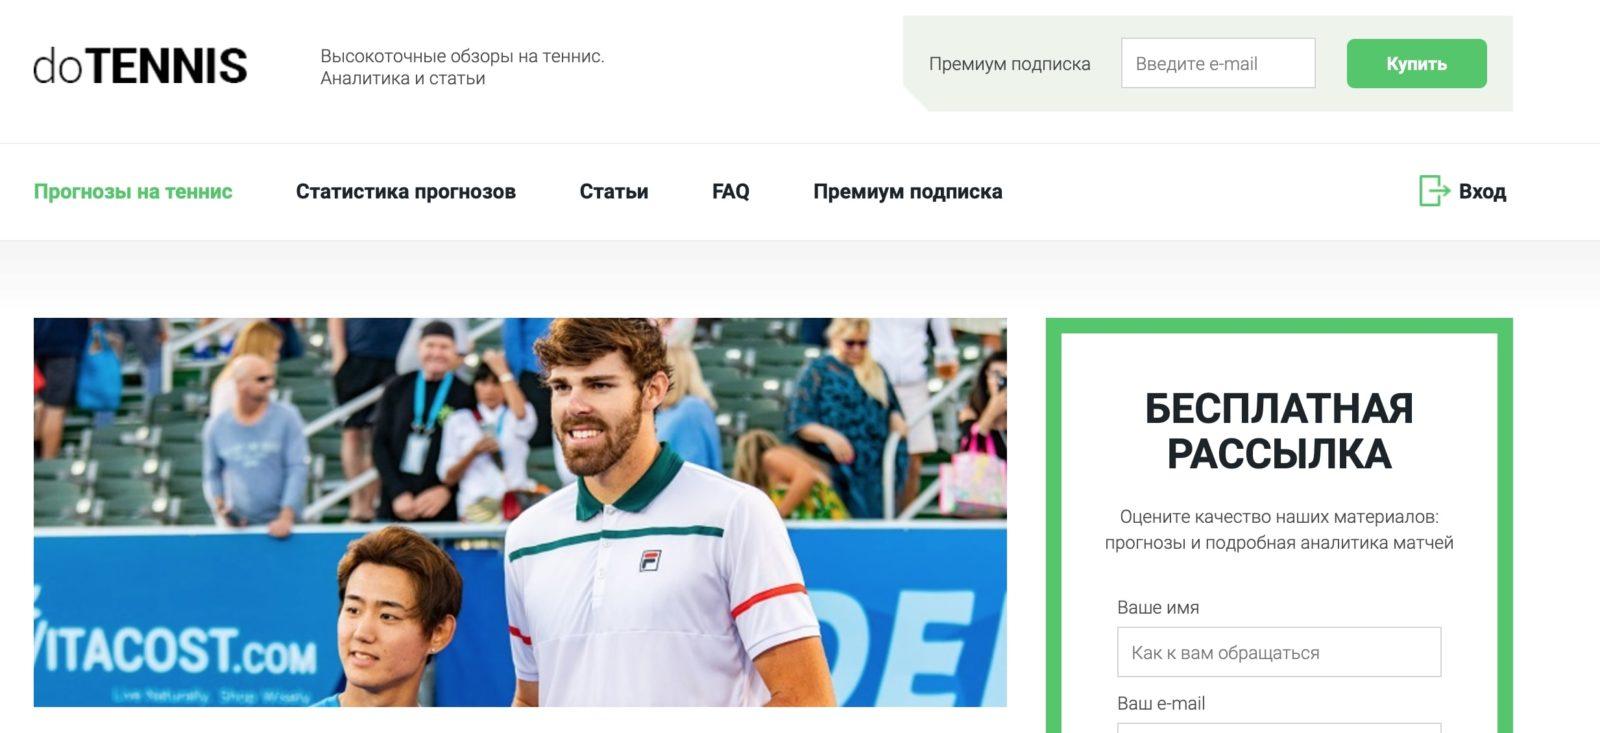 Главная страница сайта Dotennis.ru (Дотеннис ру)